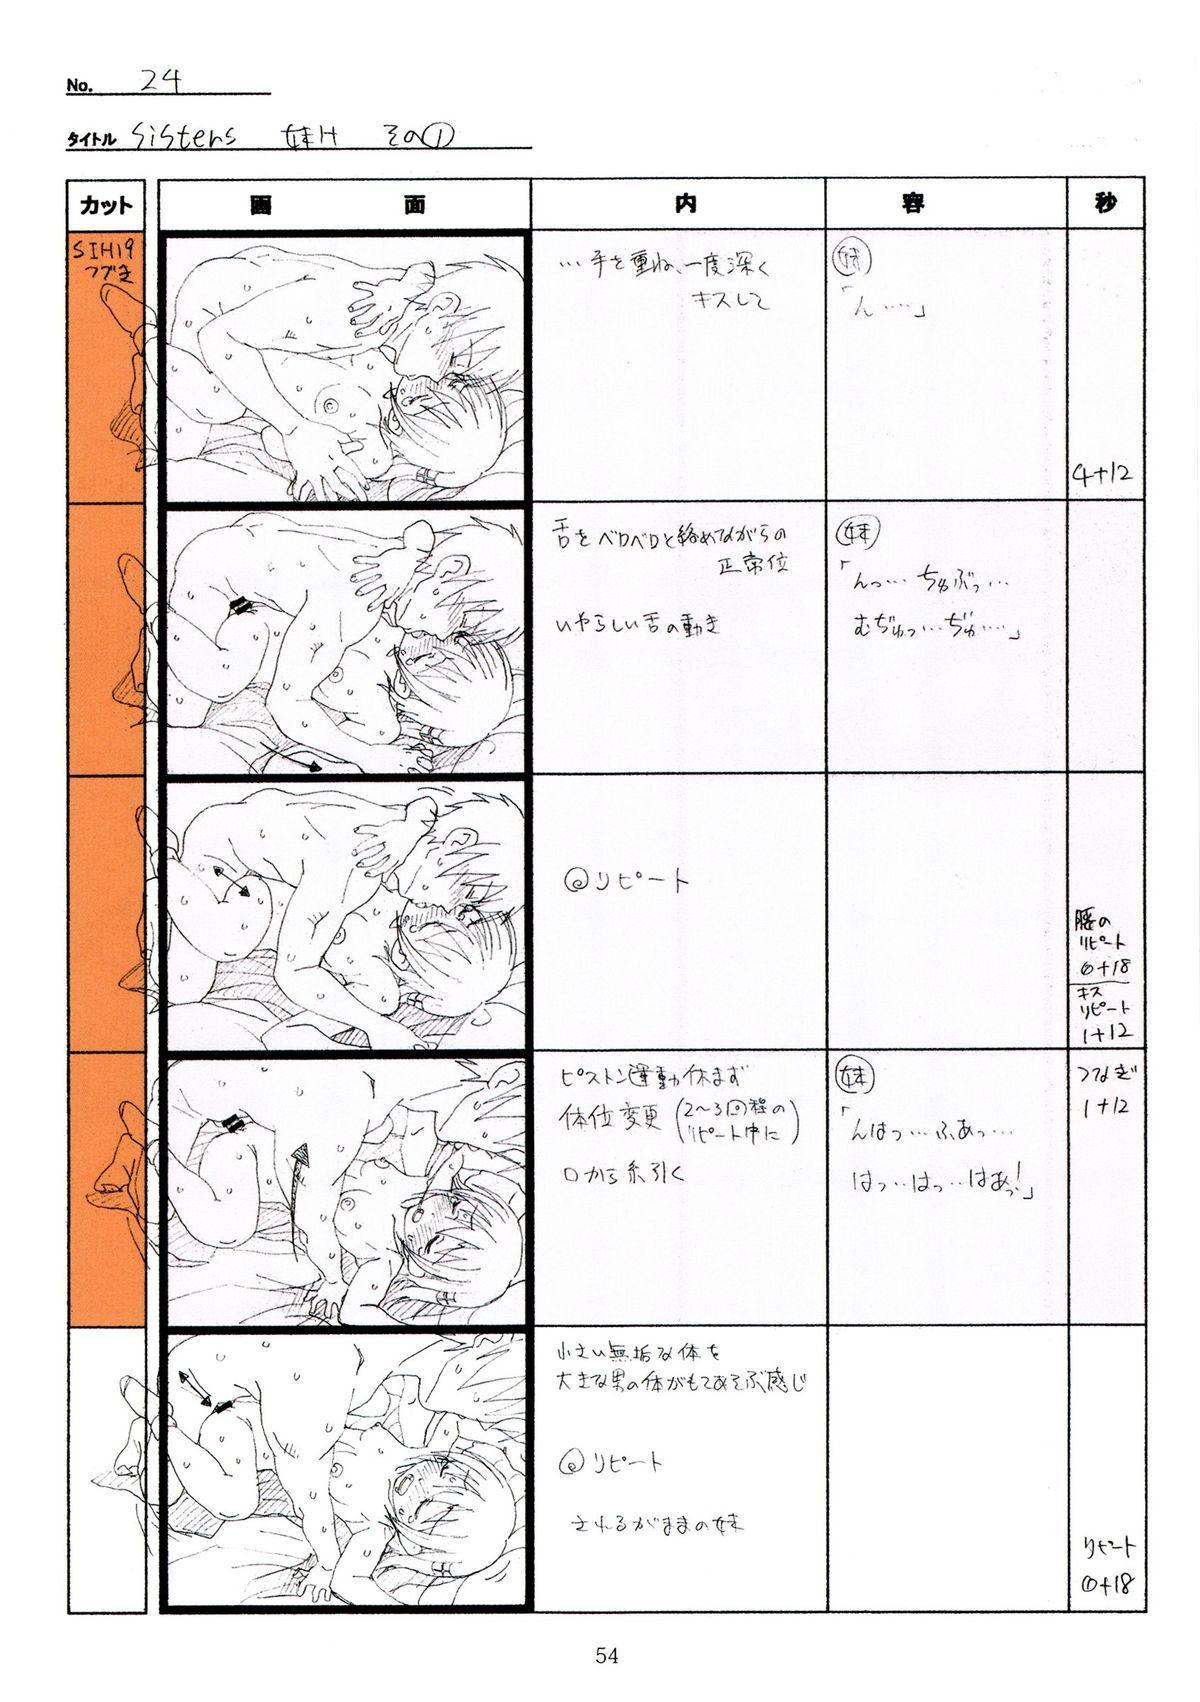 (C89) [Makino Jimusho (Taki Minashika)] SISTERS -Natsu no Saigo no Hi- H Scene All Part Storyboard (SISTERS -Natsu no Saigo no Hi-) 53